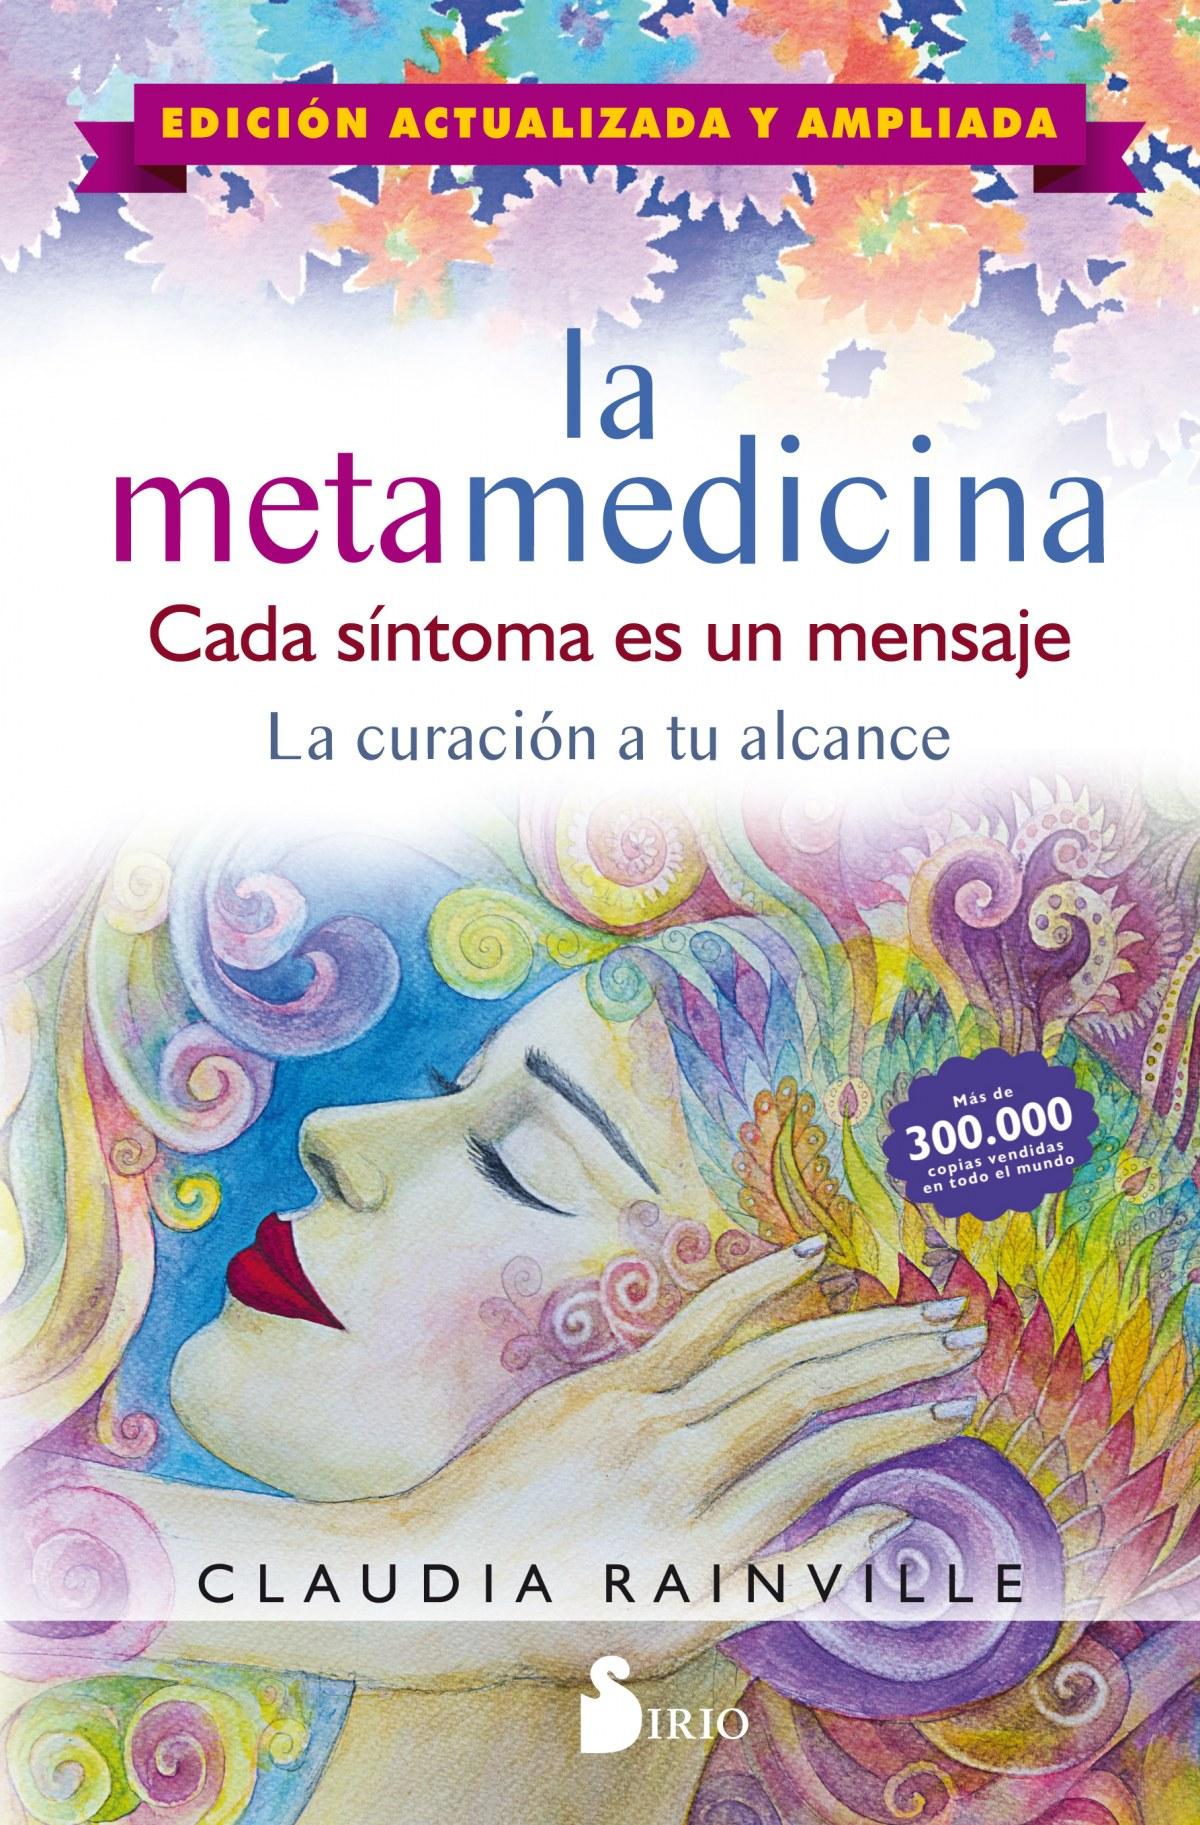 LA METAMEDICINA. CADA SÍNTOMA ES UN MENSAJE (ED. ACTUALIZADA Y AUMENTADA)